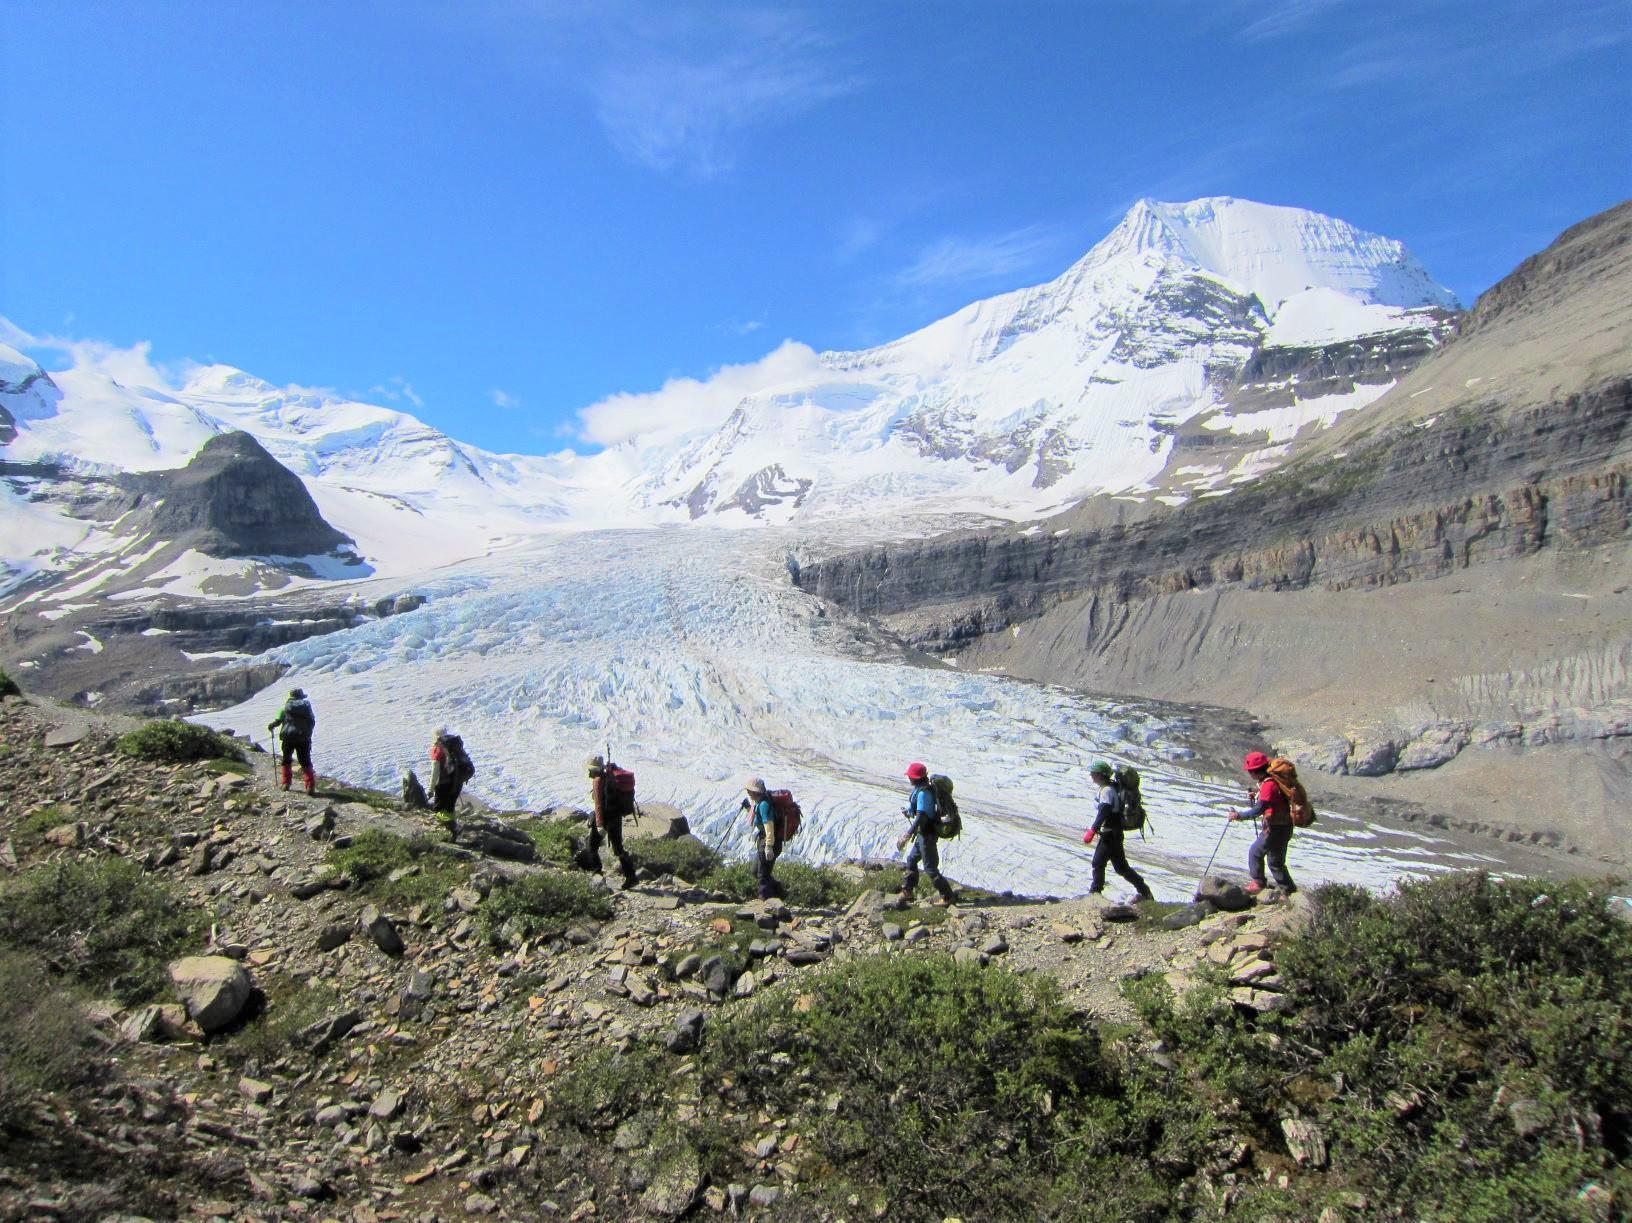 カナディアン・ロッキー最高峰Mt.ロブソン(3,954m)の北壁とロブソン氷河の大展望が広がる